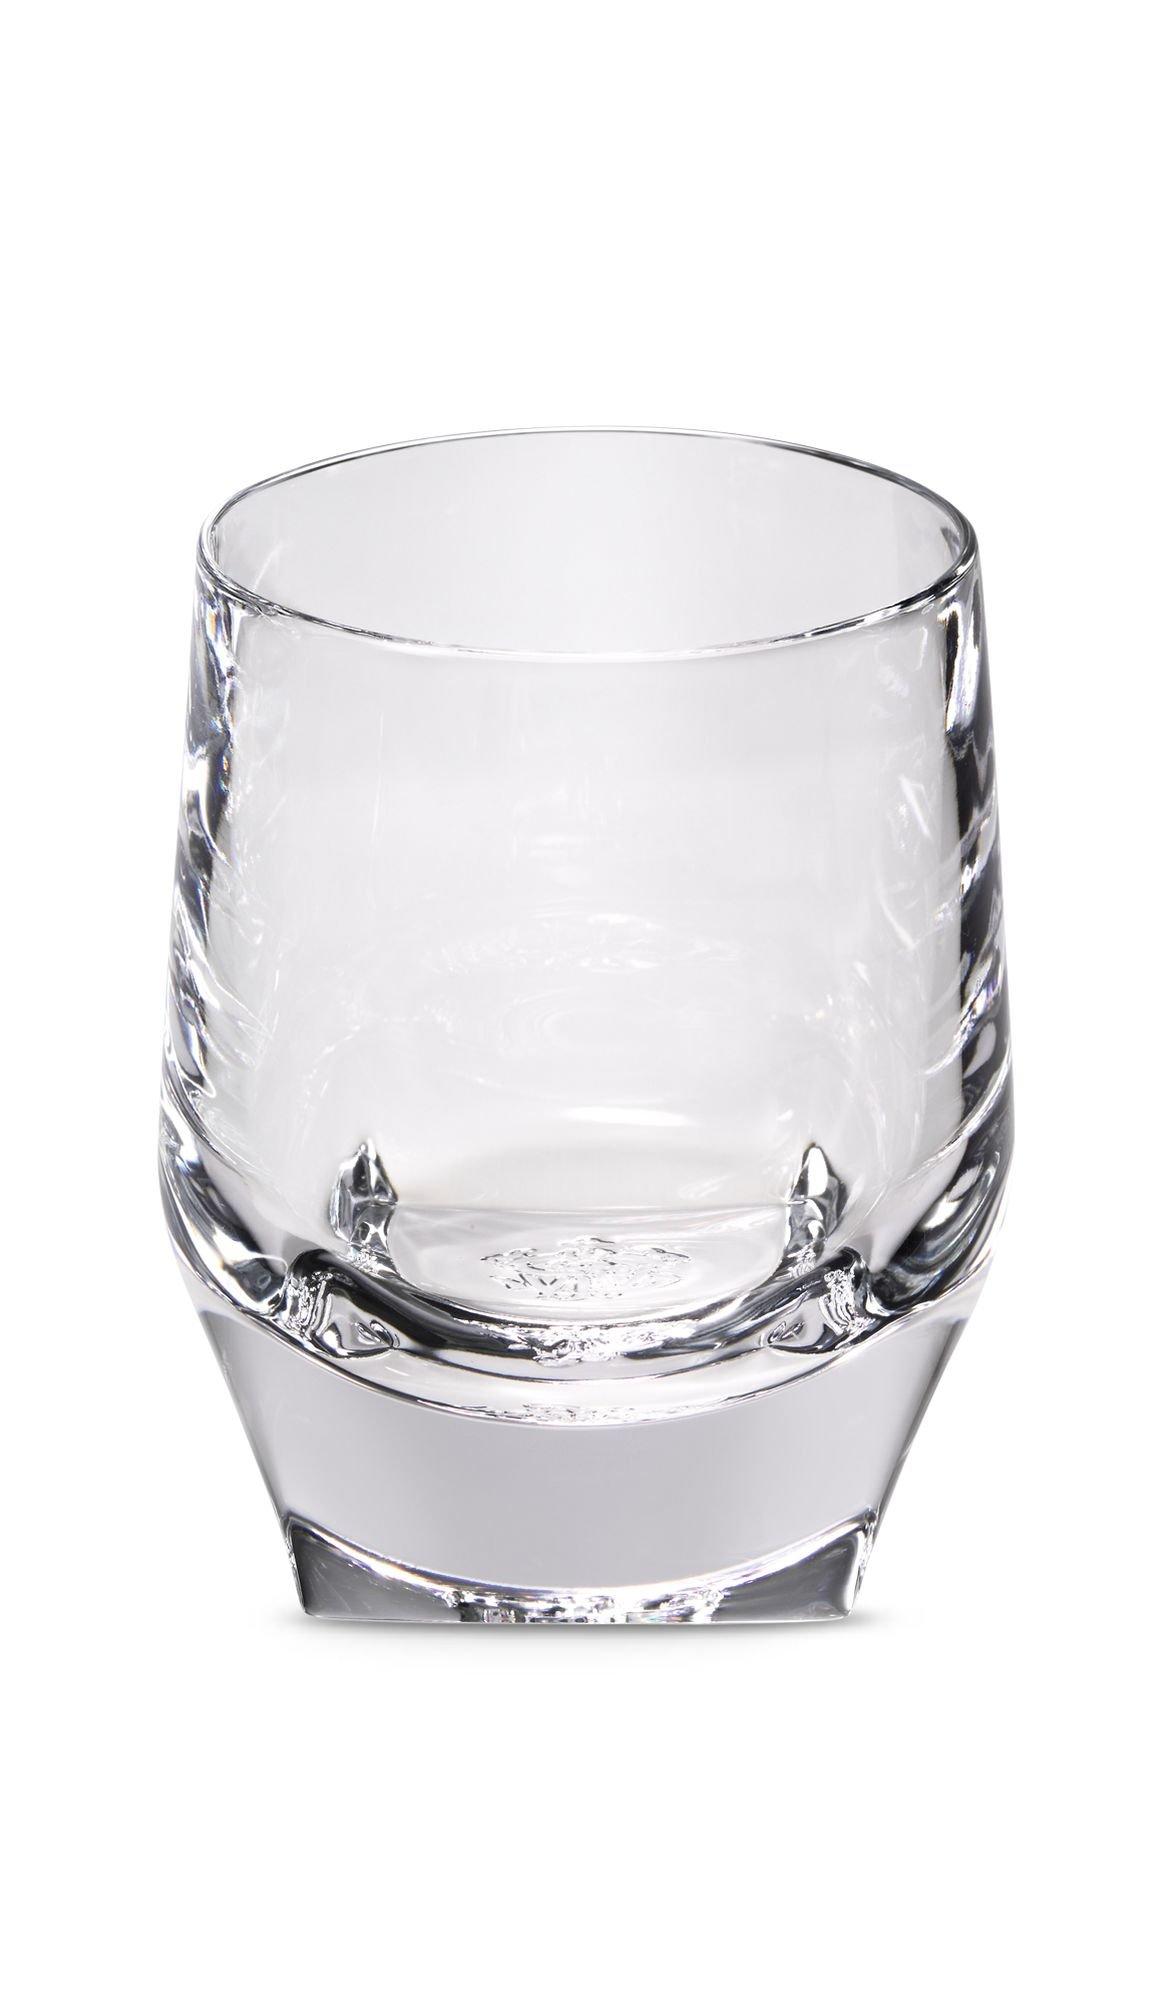 Johnnie Walker Blue Label Royal Grand Estate Crystal Snifter Glass Set